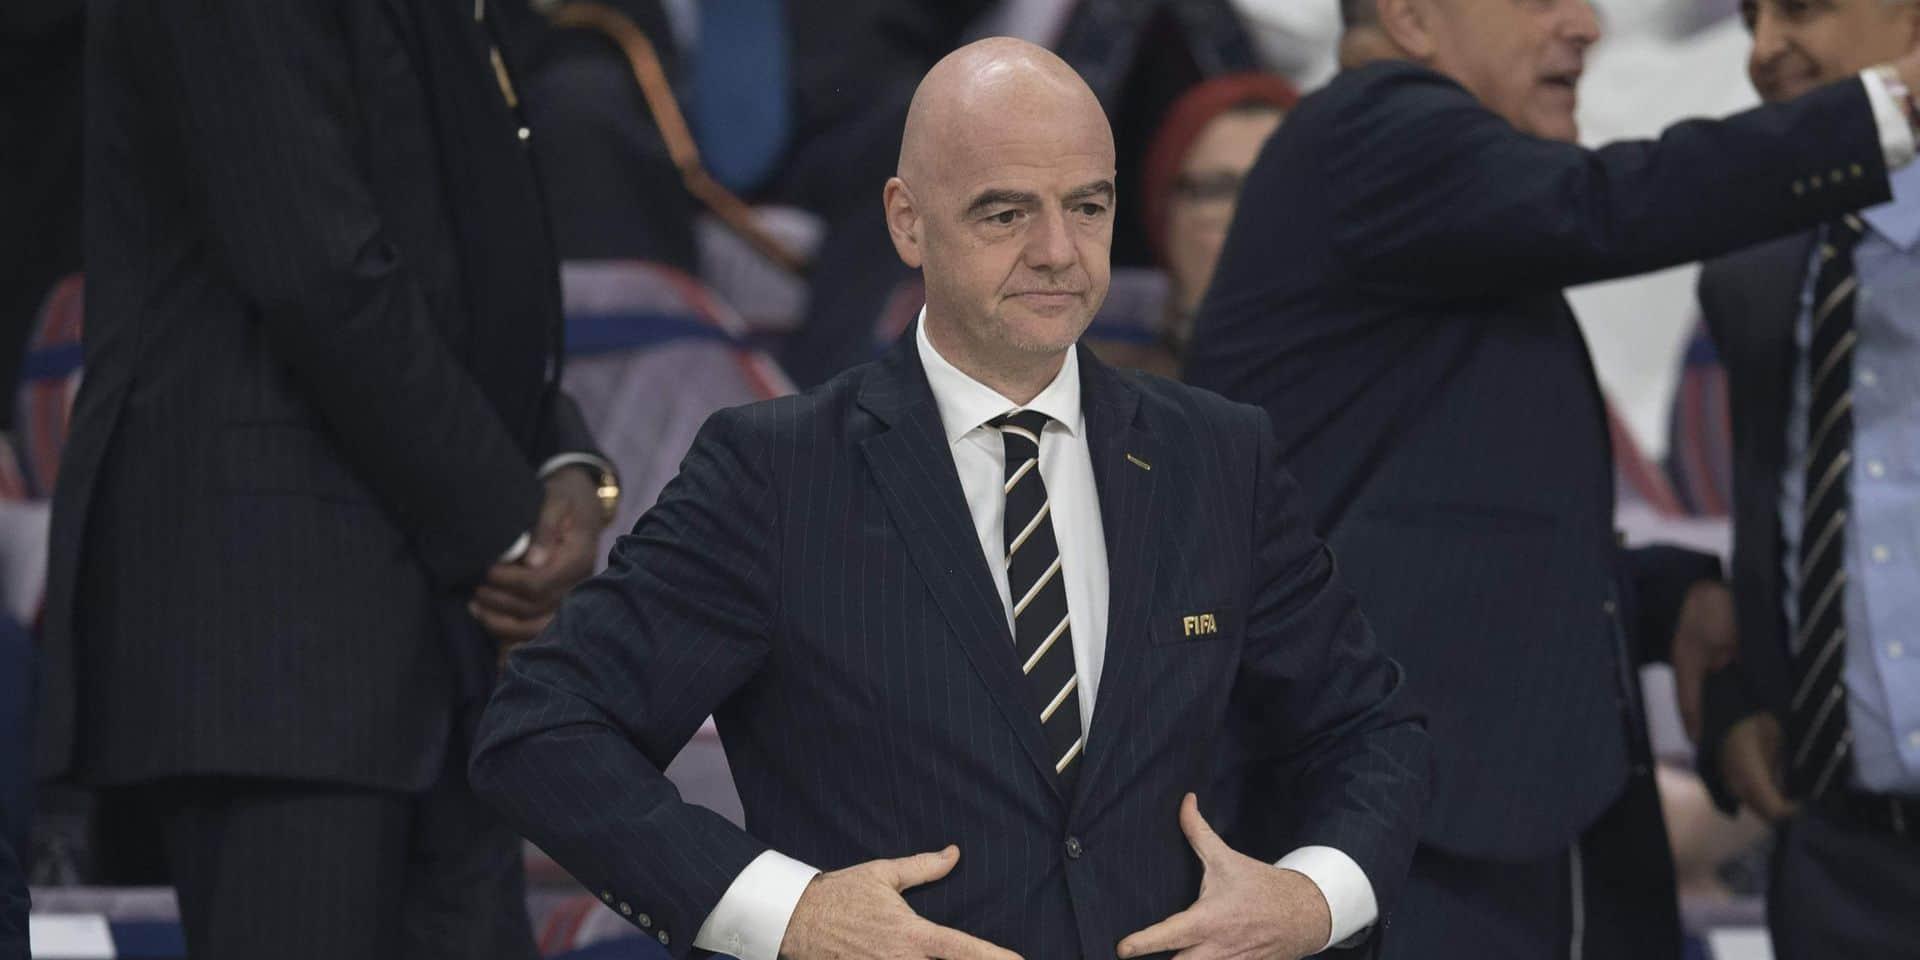 Corruption à la FIFA: Gianni Infantino affirme n'avoir rien à cacher